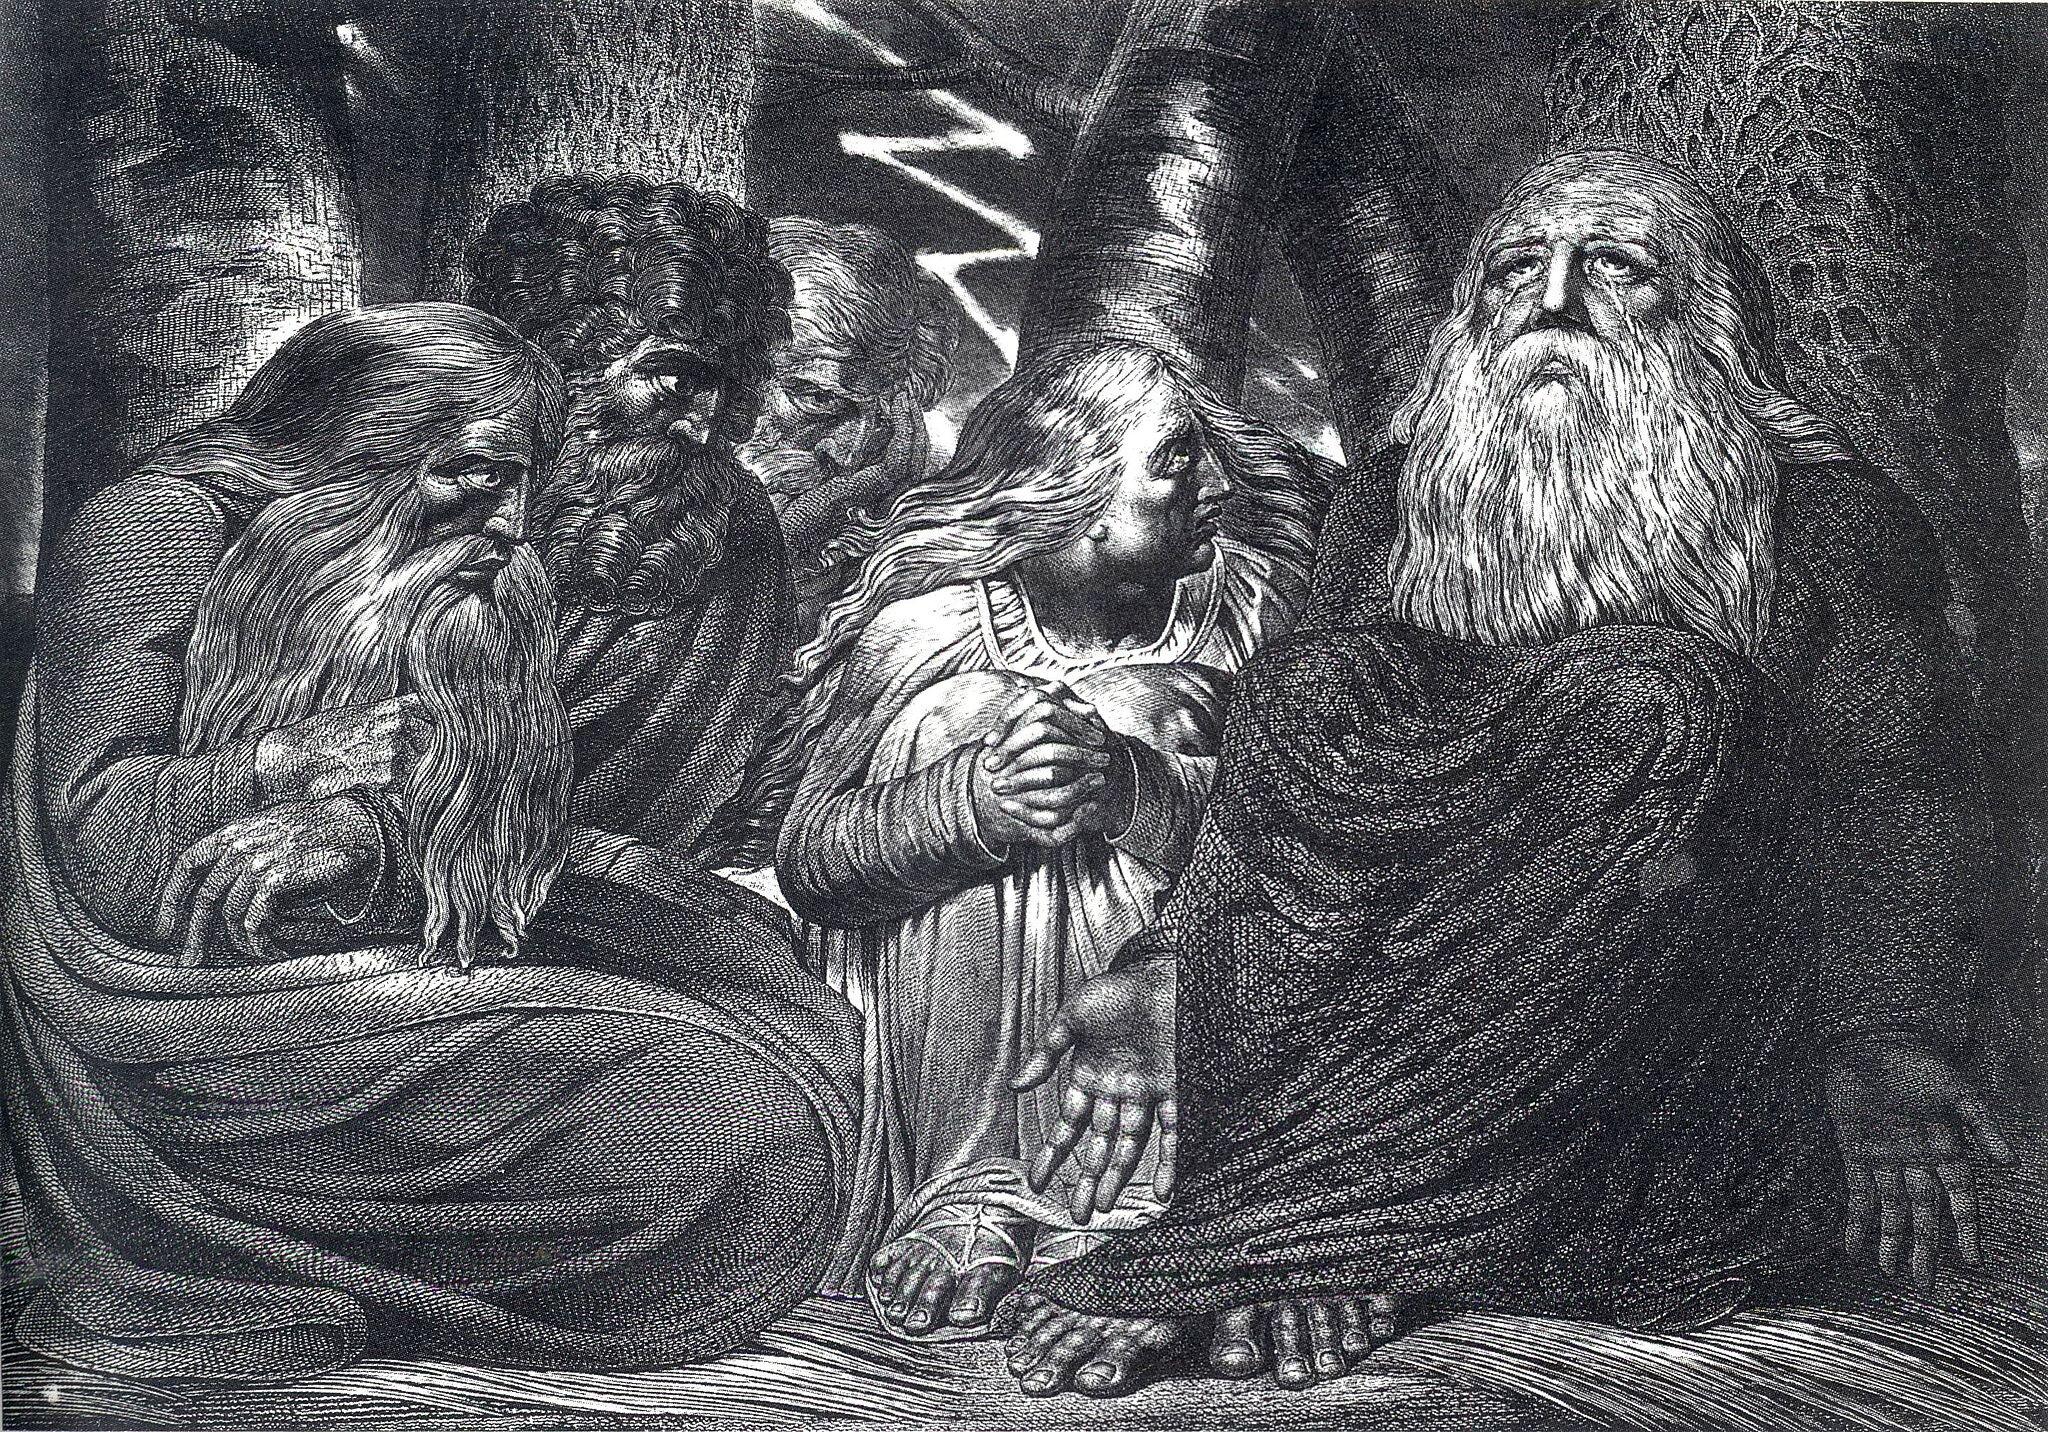 Hiob Źródło: William Blake, Hiob, 1785–90, domena publiczna.